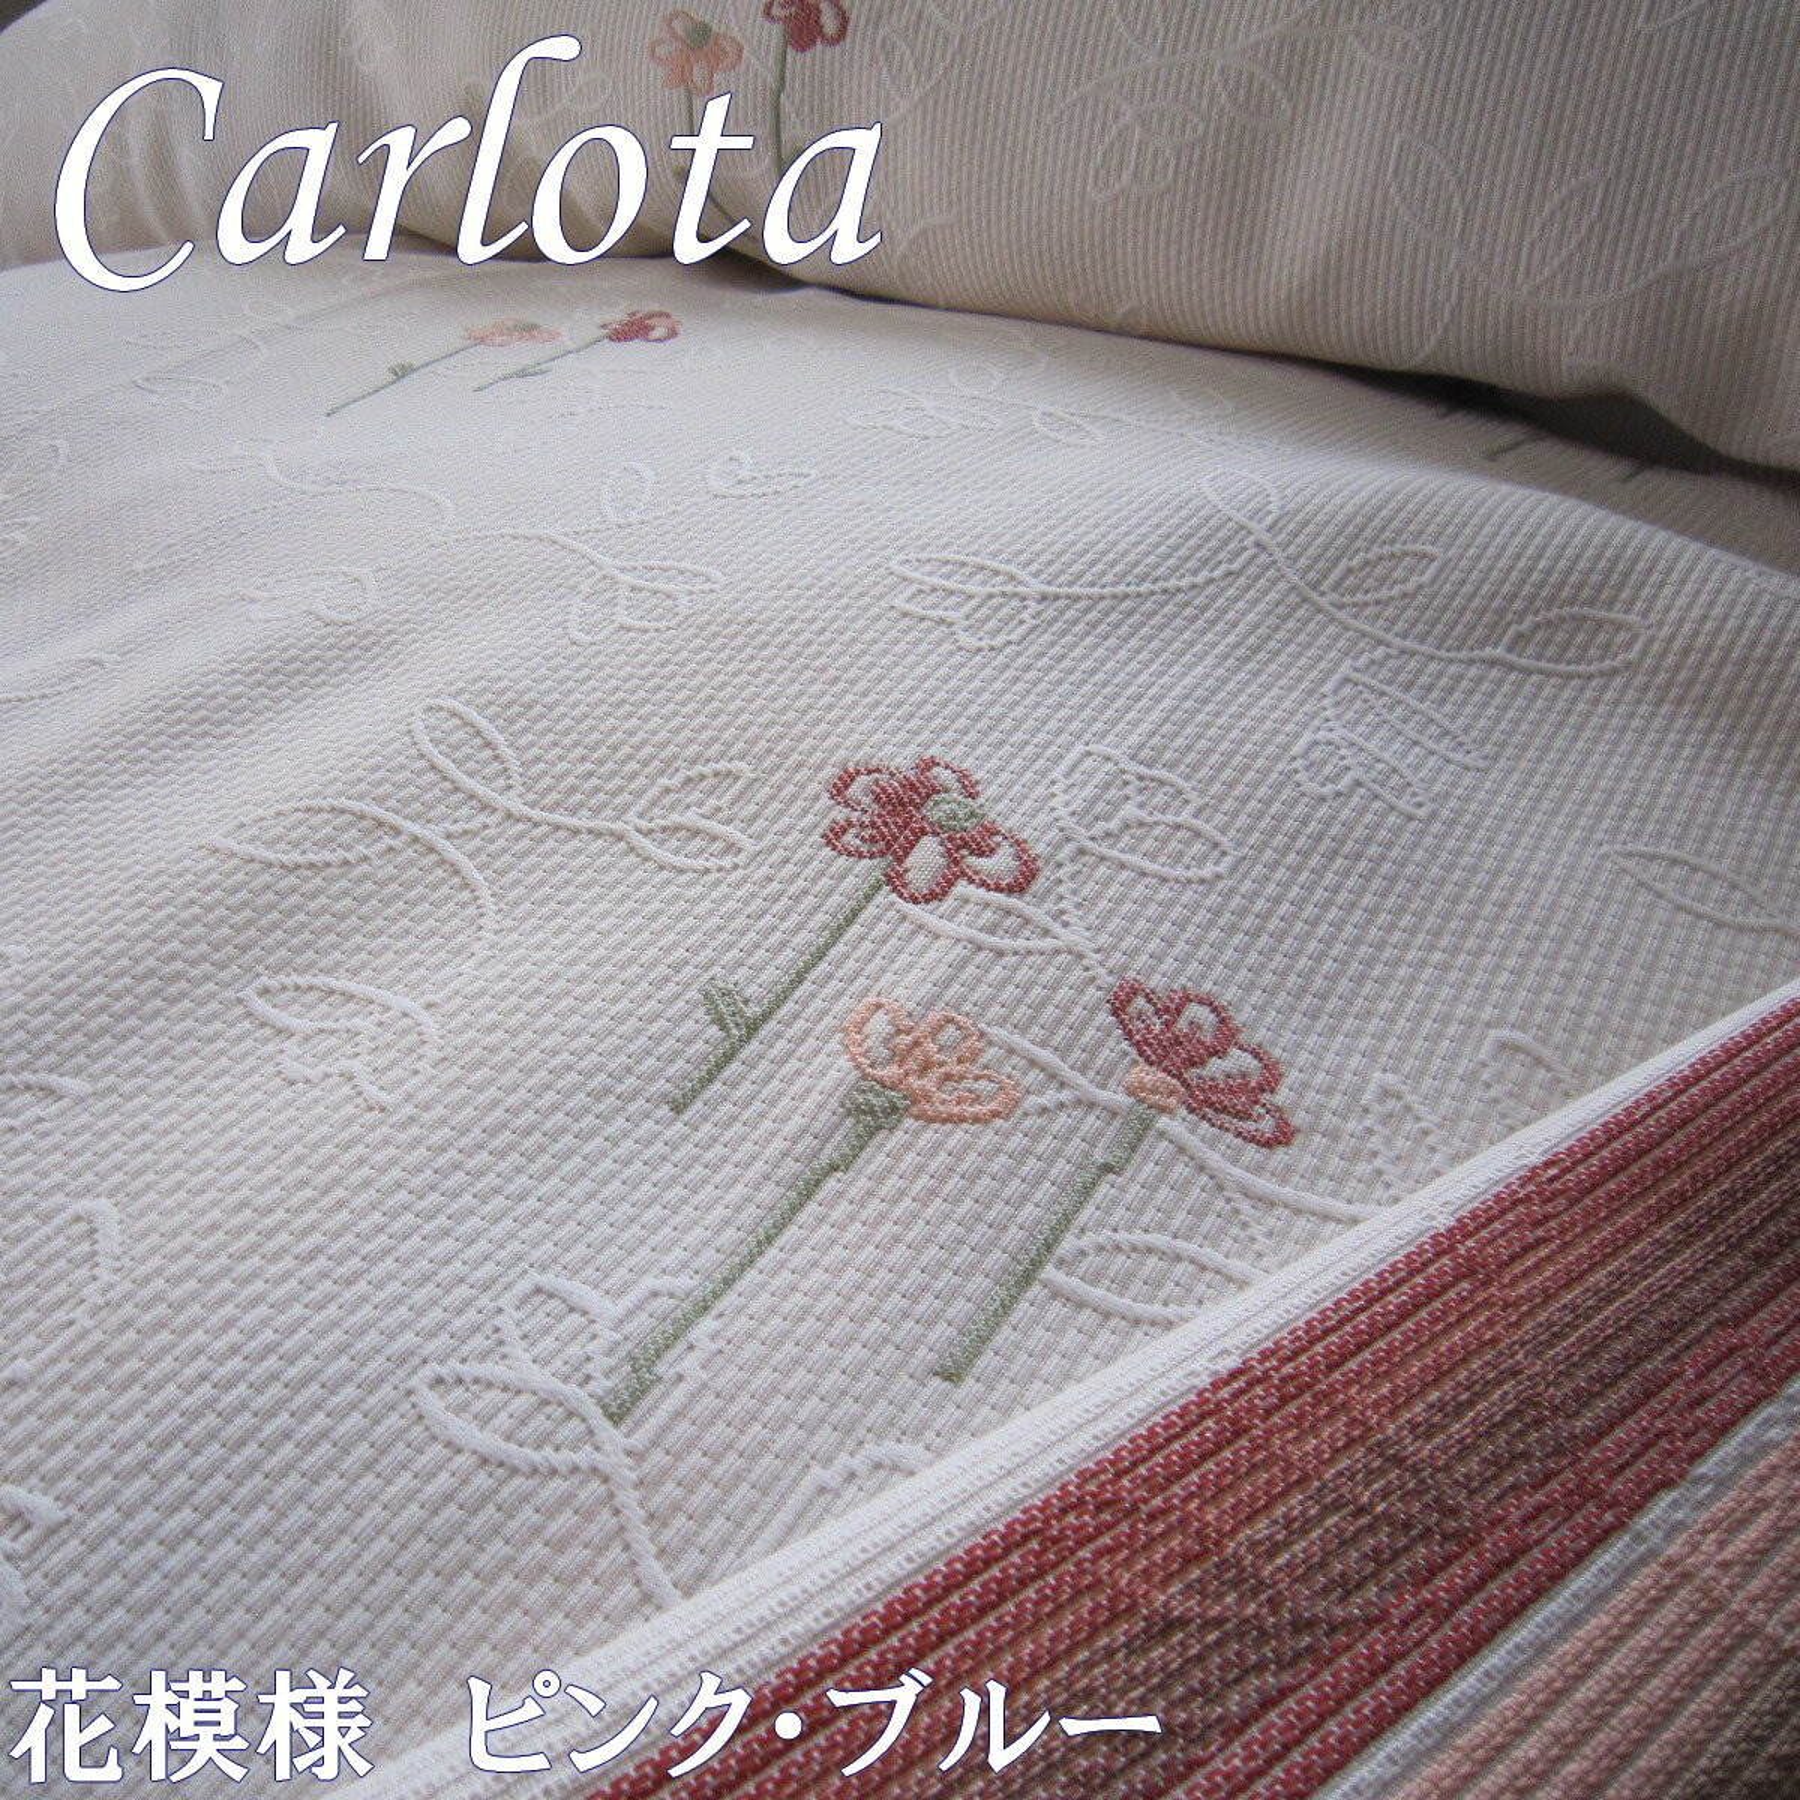 ベッドスプレッド カーロタ シングル 180×270 cm ピンク スペイン製 日本仕様 ジャガード織 リバーシブル 1.6 kg 超広幅生地&デザイン 継ぎ目が無い ベッドカバー ホテル仕様 マルチカバー ギフト プレゼント ご家庭洗濯可